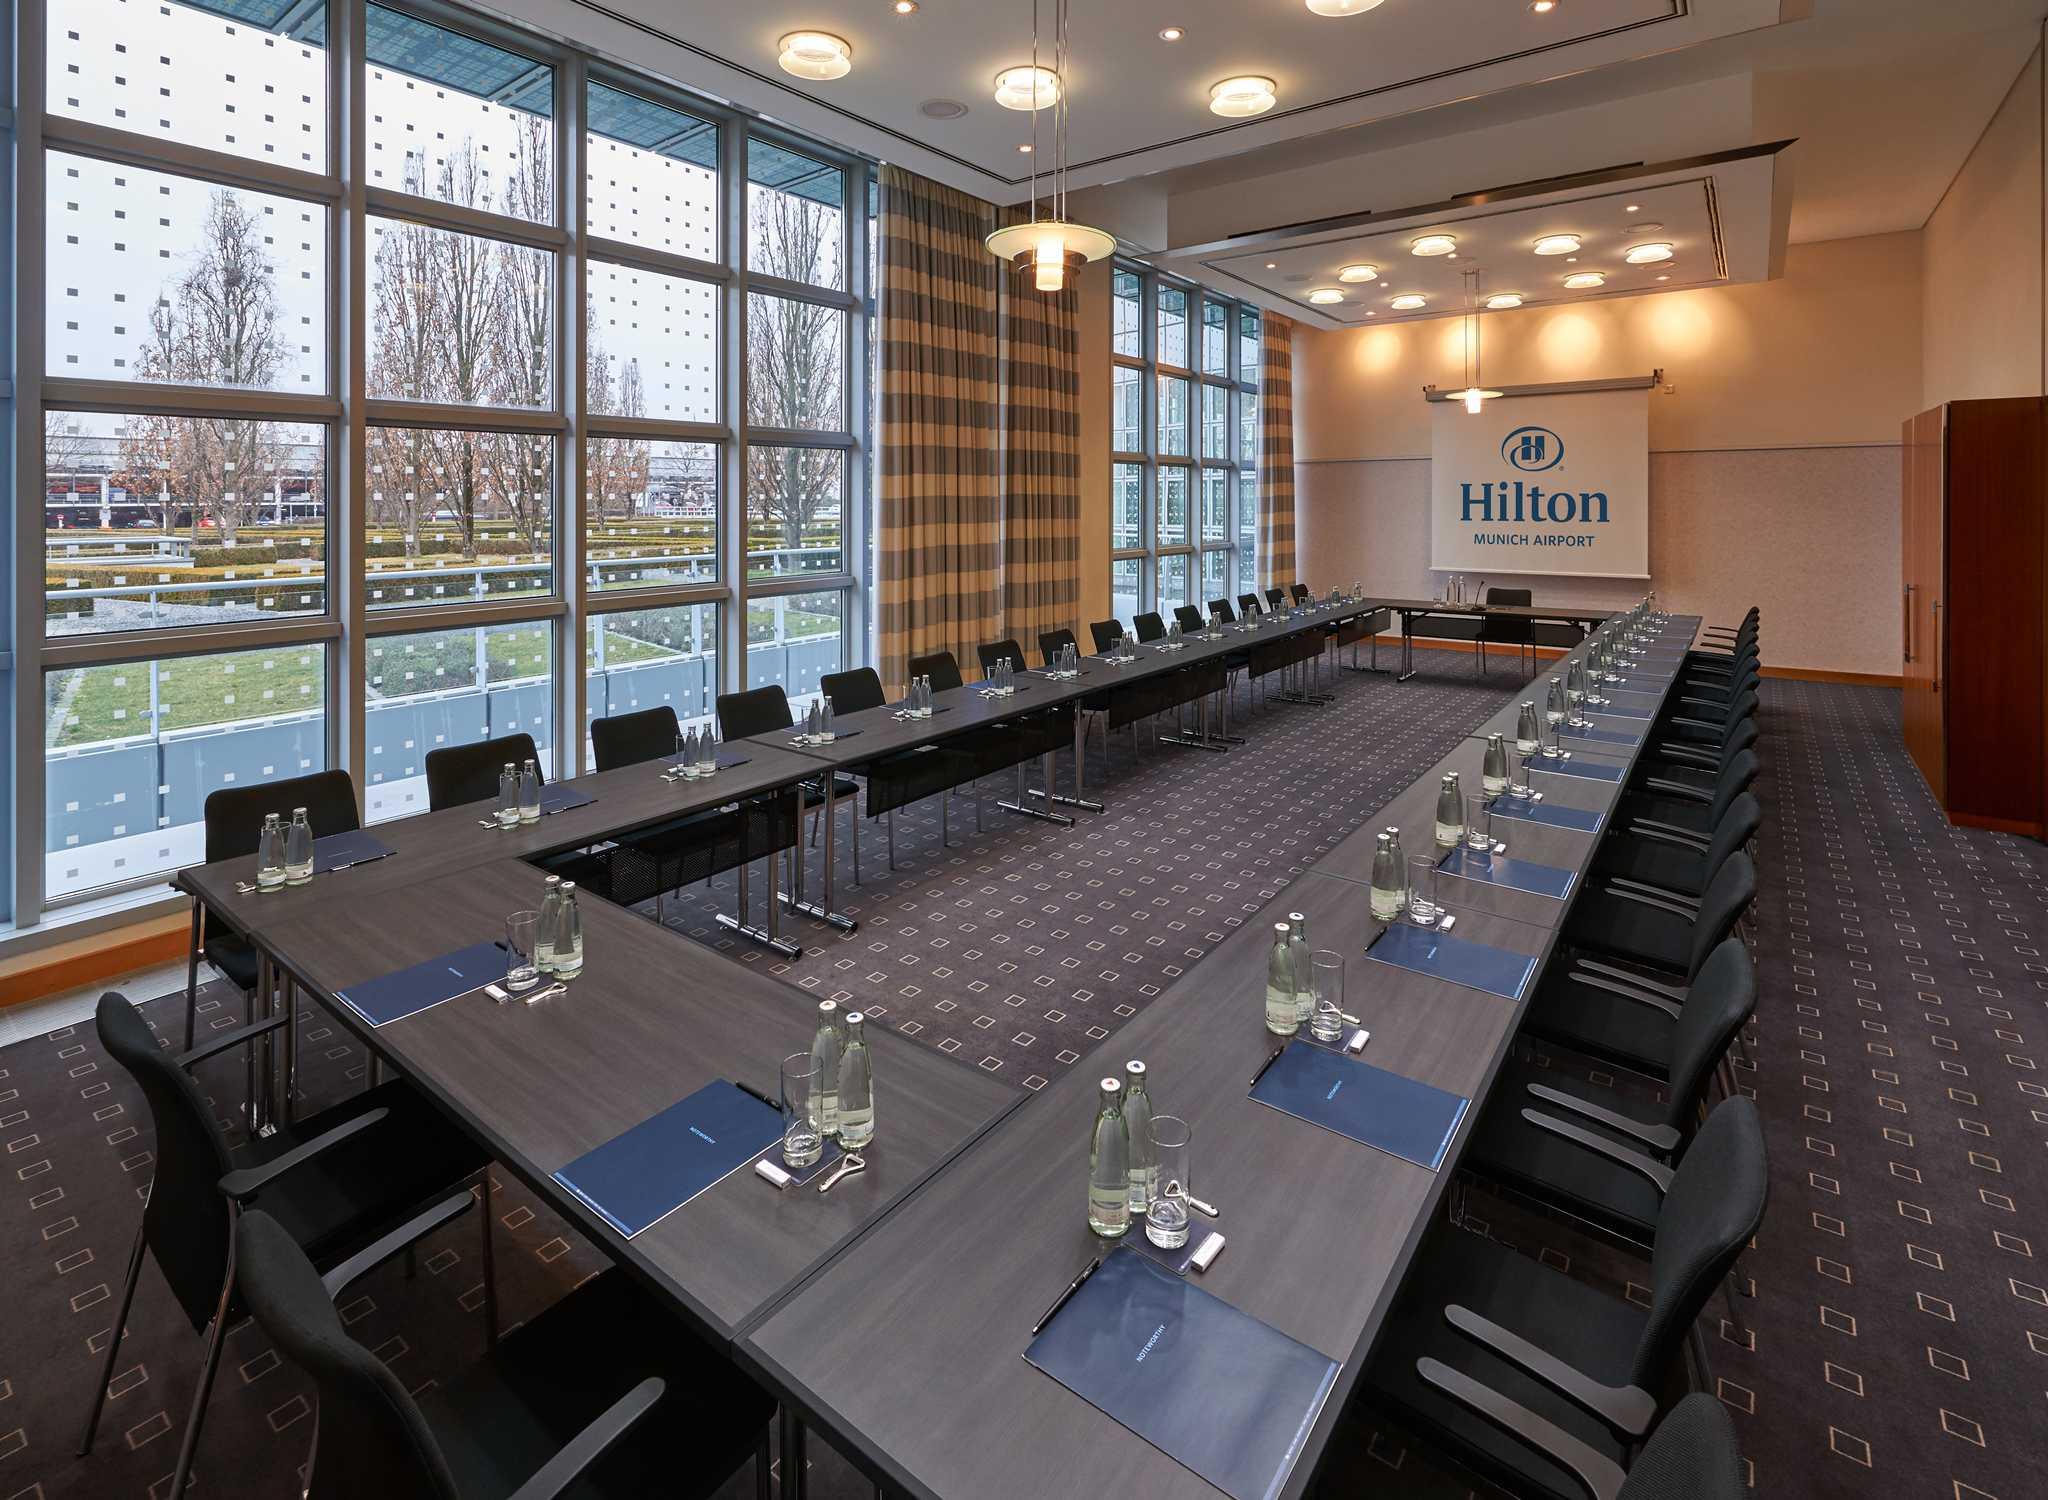 Hilton Hotel Munich Airport